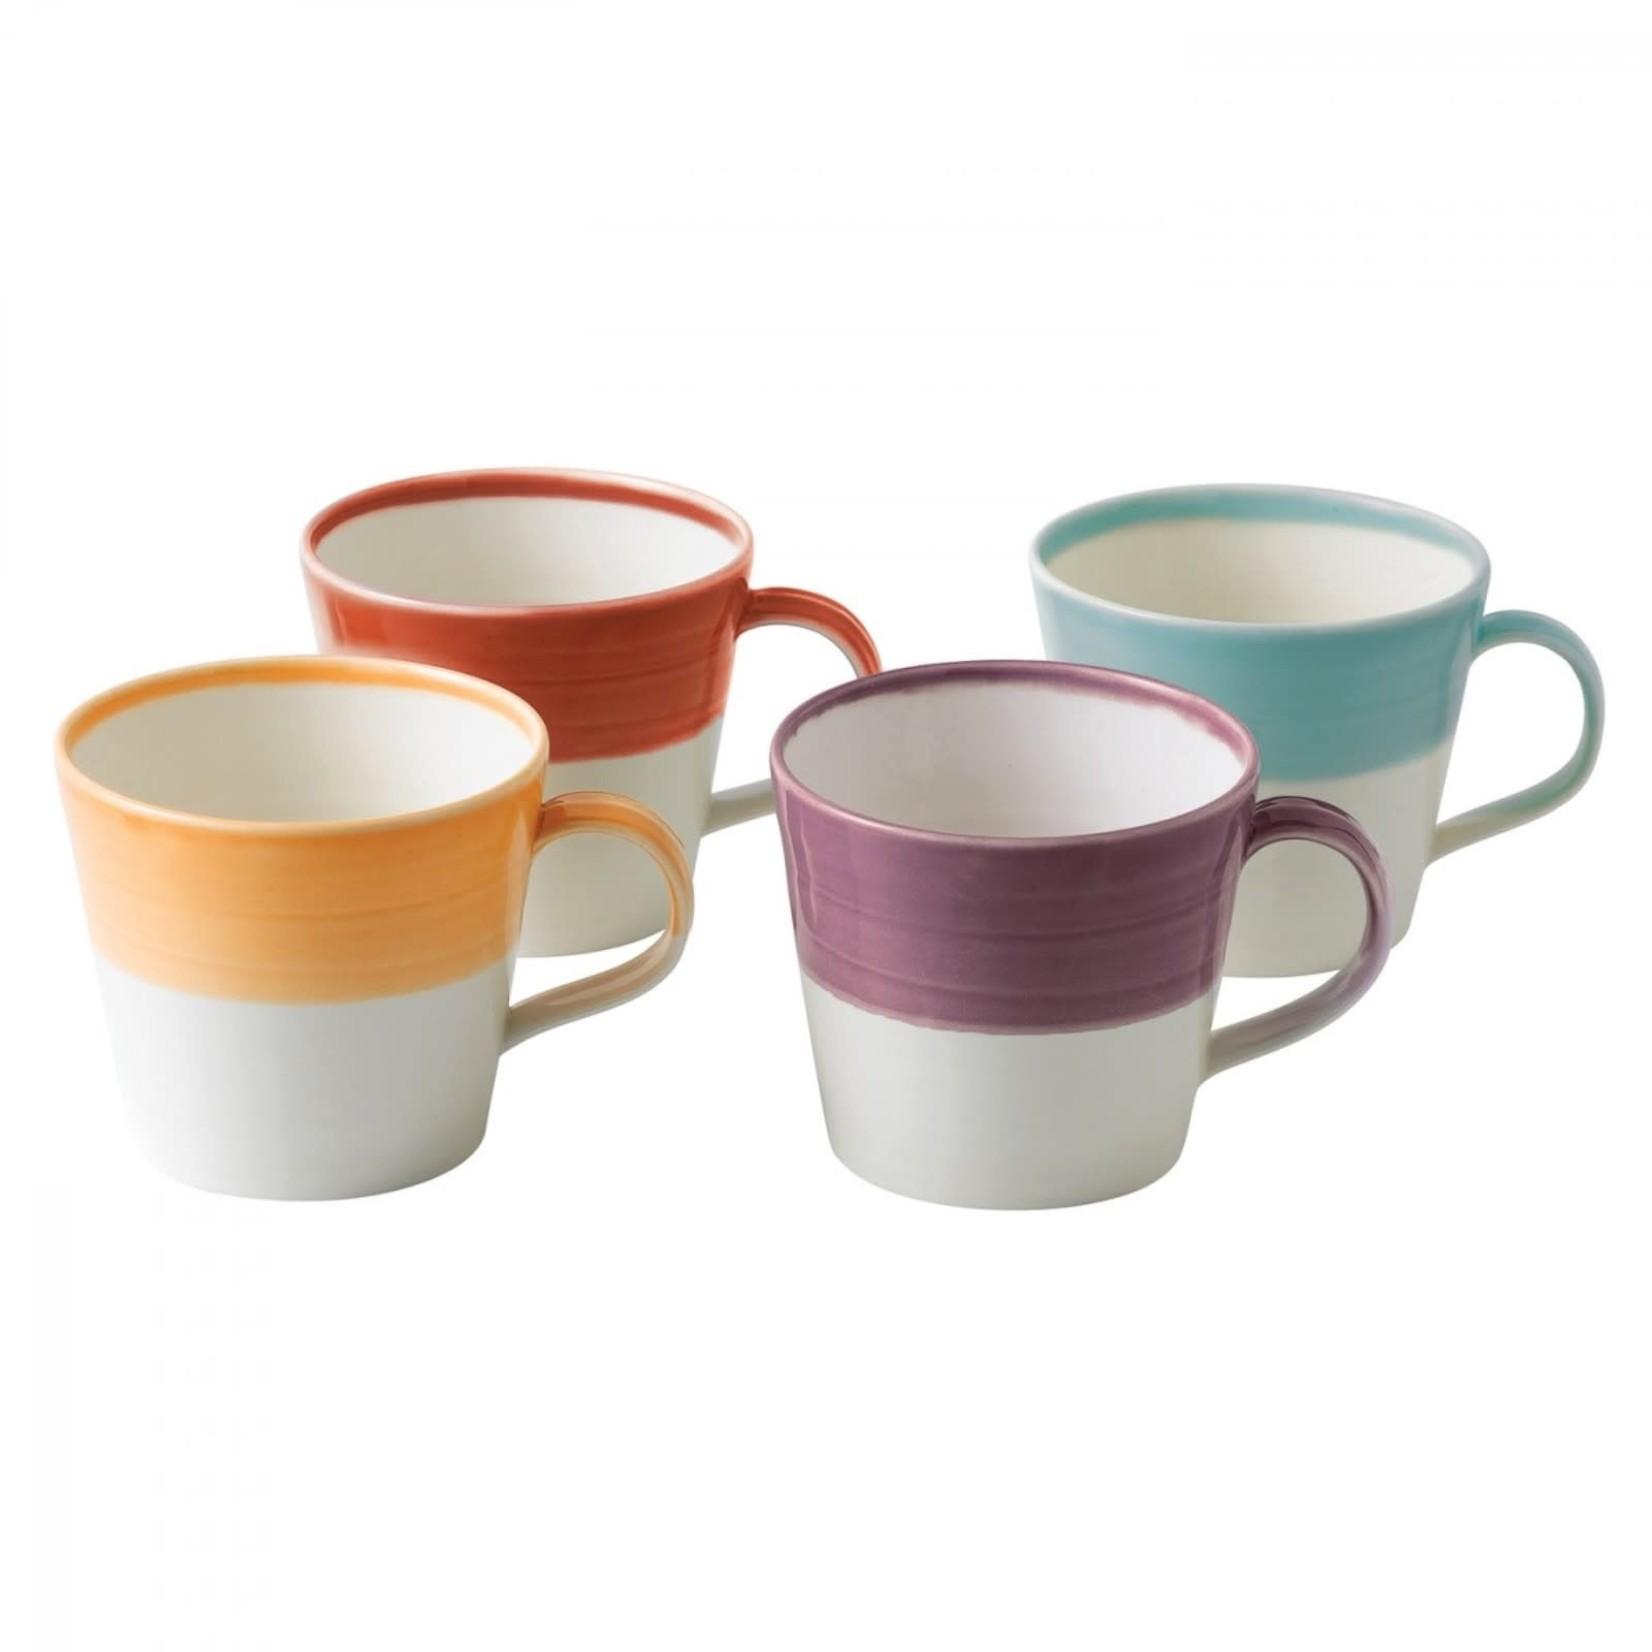 Royal Doulton 1815 Bright Colors Mugs Set of 4